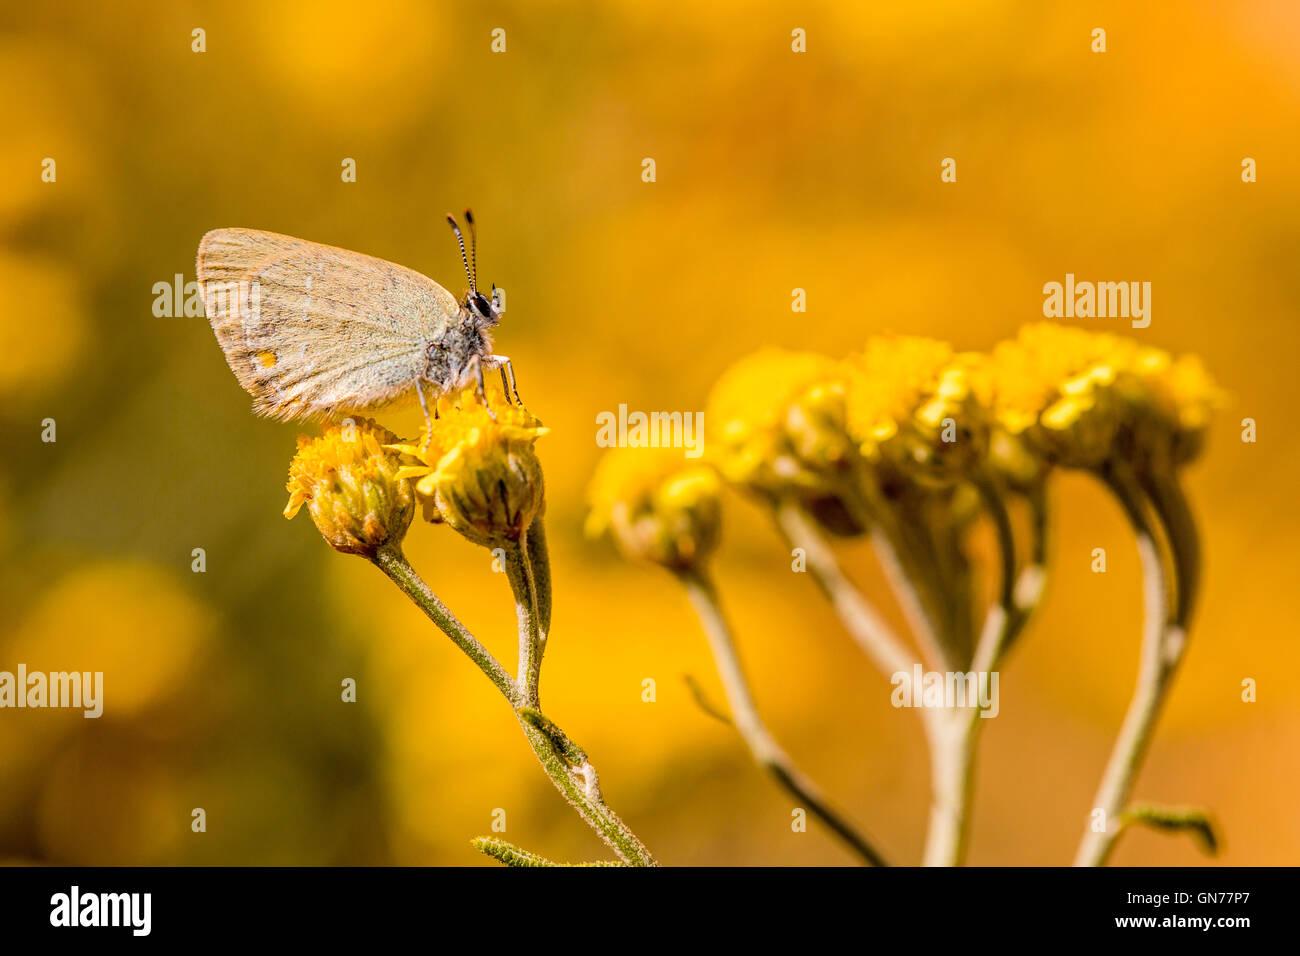 Porte-queue du rebelle (Satyrium myrtale) est un papillon de la Famille des Lycaenidae. Photographié en Israël Photo Stock